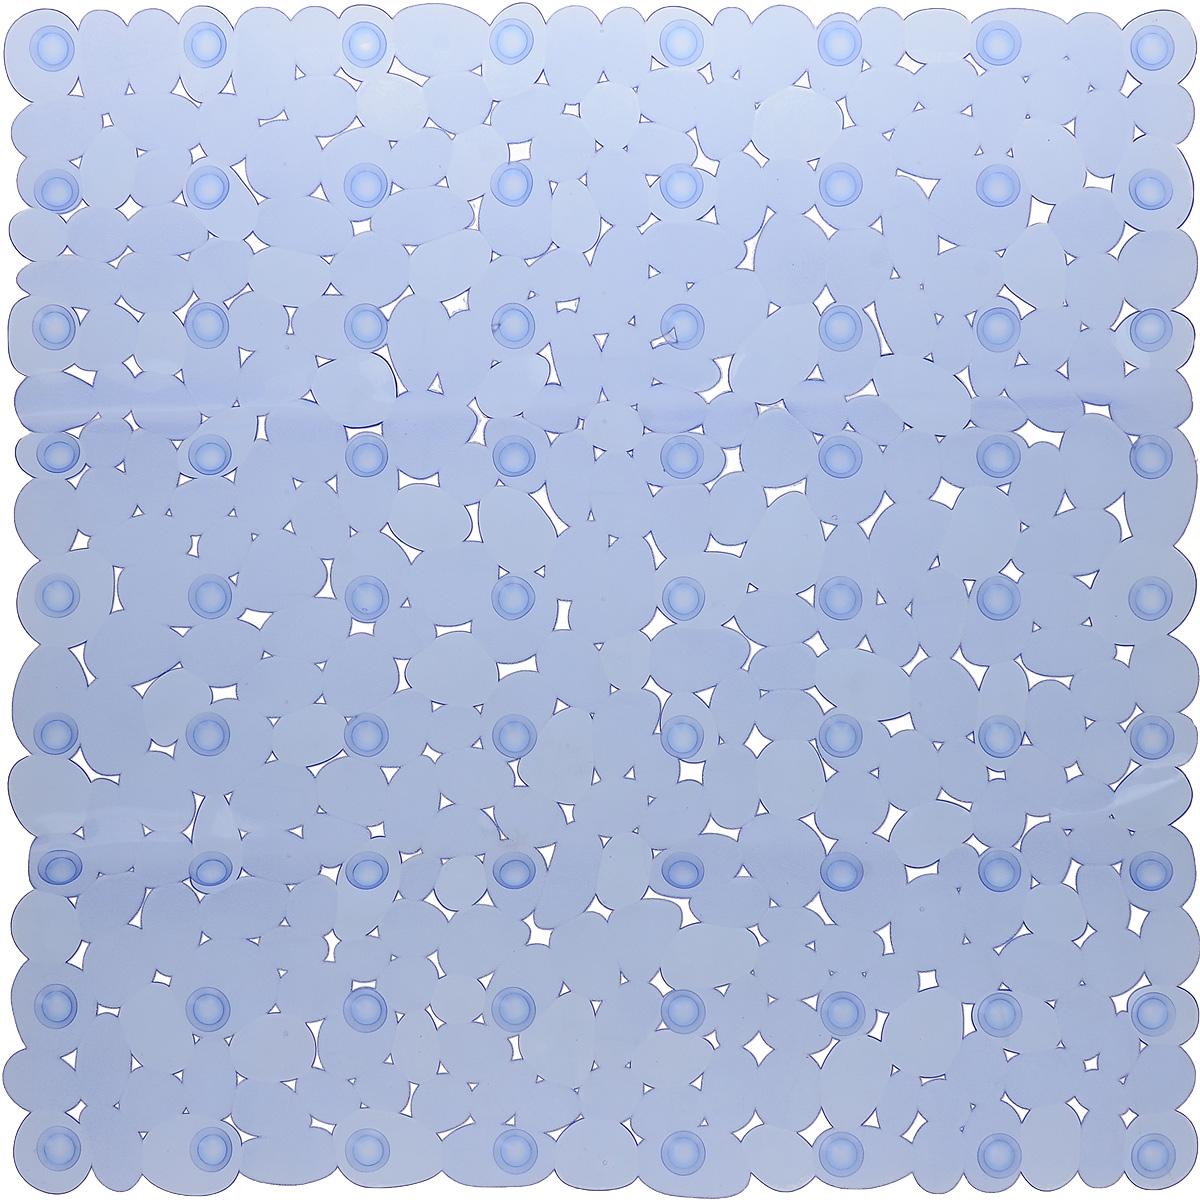 Коврик для ванной Axentia Галька, противоскользящий, на присосках, цвет: синий, 52 х 52 смPARIS 75015-8C ANTIQUEКвадратный коврик для ванной Axentia Галька изготовлен из ПВХ. Это прочный противоскользящий материал, который отлично подойдет для помещений с повышенной влажностью. Коврик противоскользящий, поэтому его удобно использовать в душевой кабине или ванне. Крепится к поверхности при помощи на присосок. Легко моется и не оставляет следов.